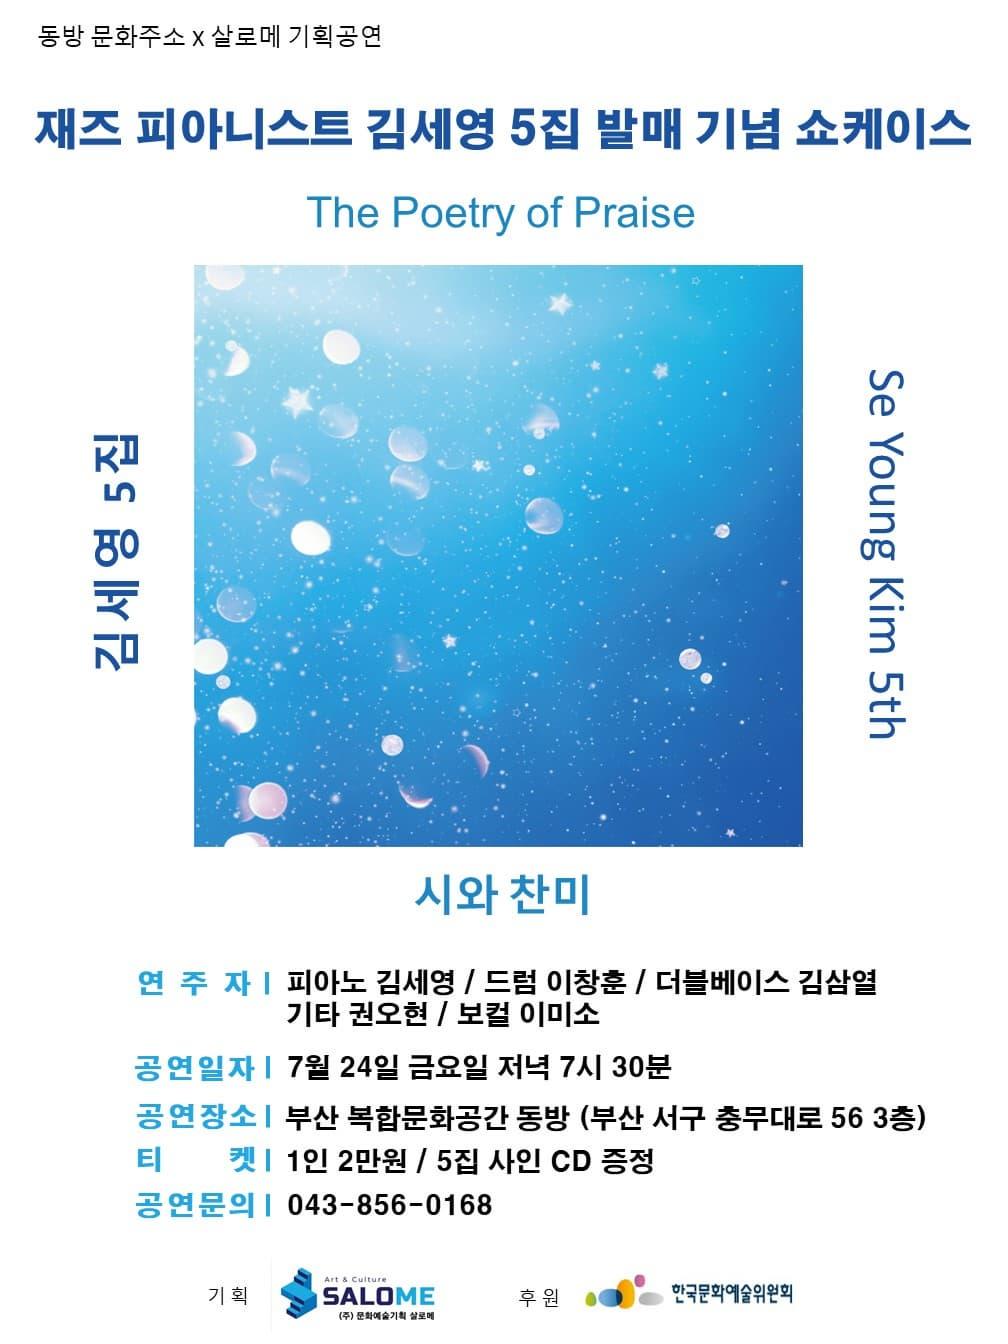 재즈 피아니스트 김세영 5집 발매 기념 쇼케이스_전국투어_부산